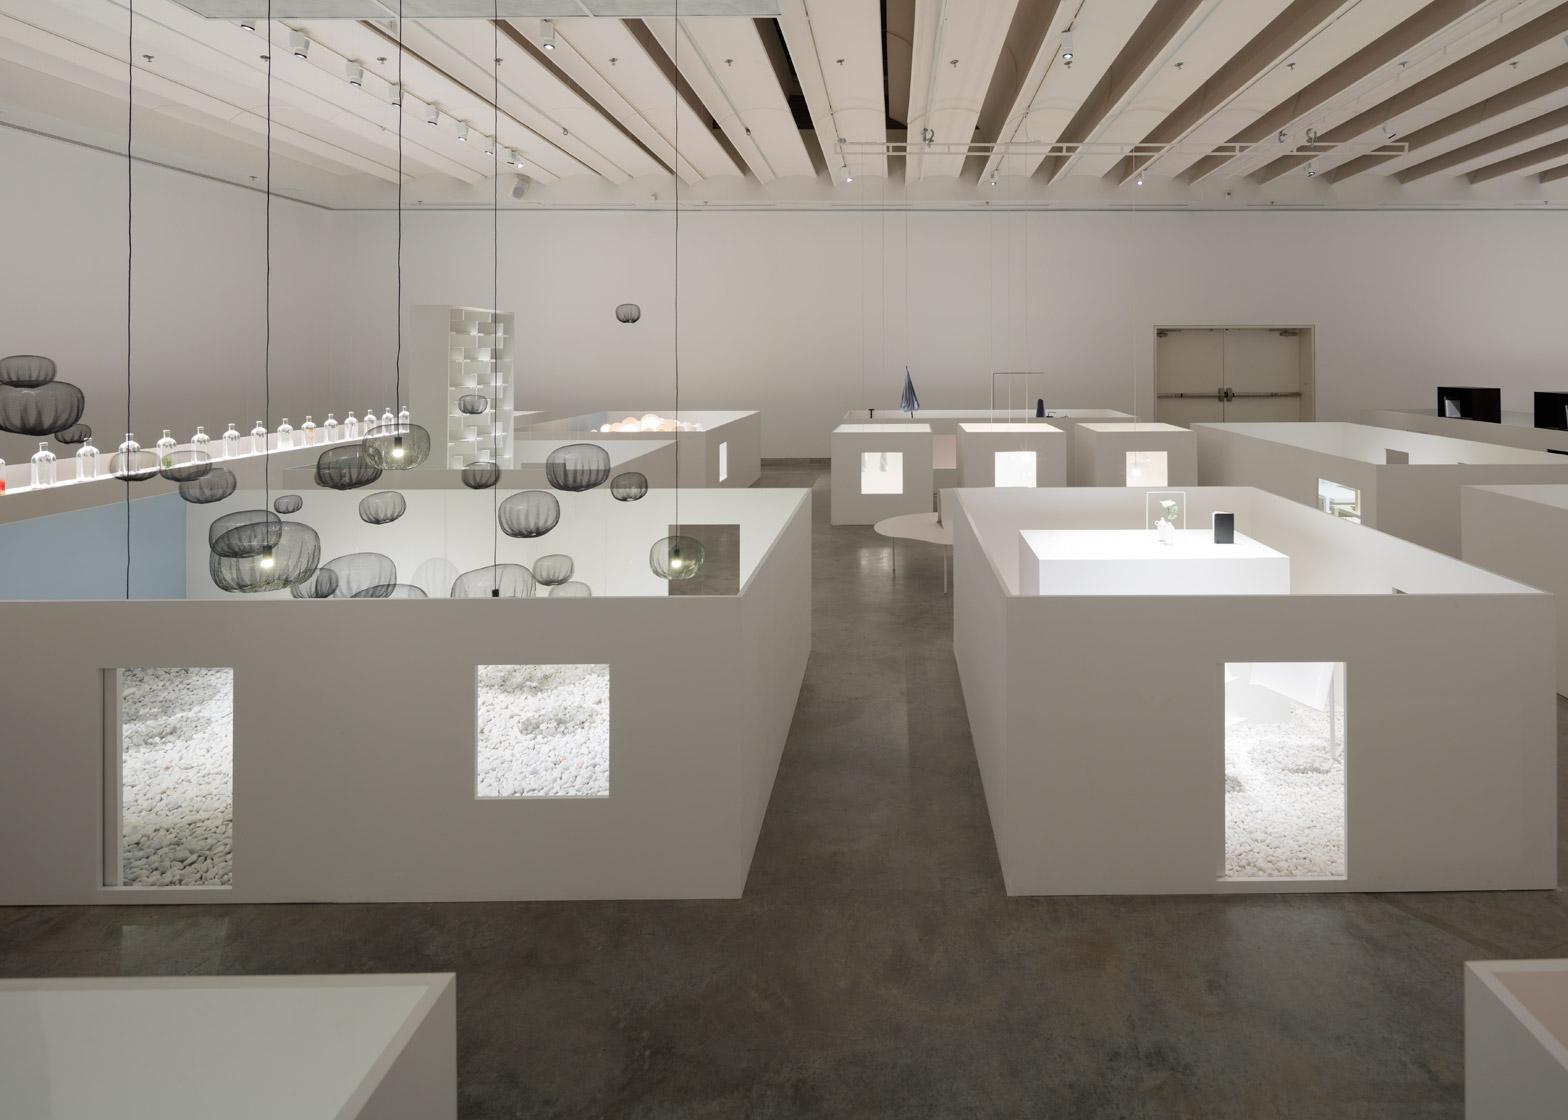 Уникальная выставка мебели в белом цвете - Фото 4